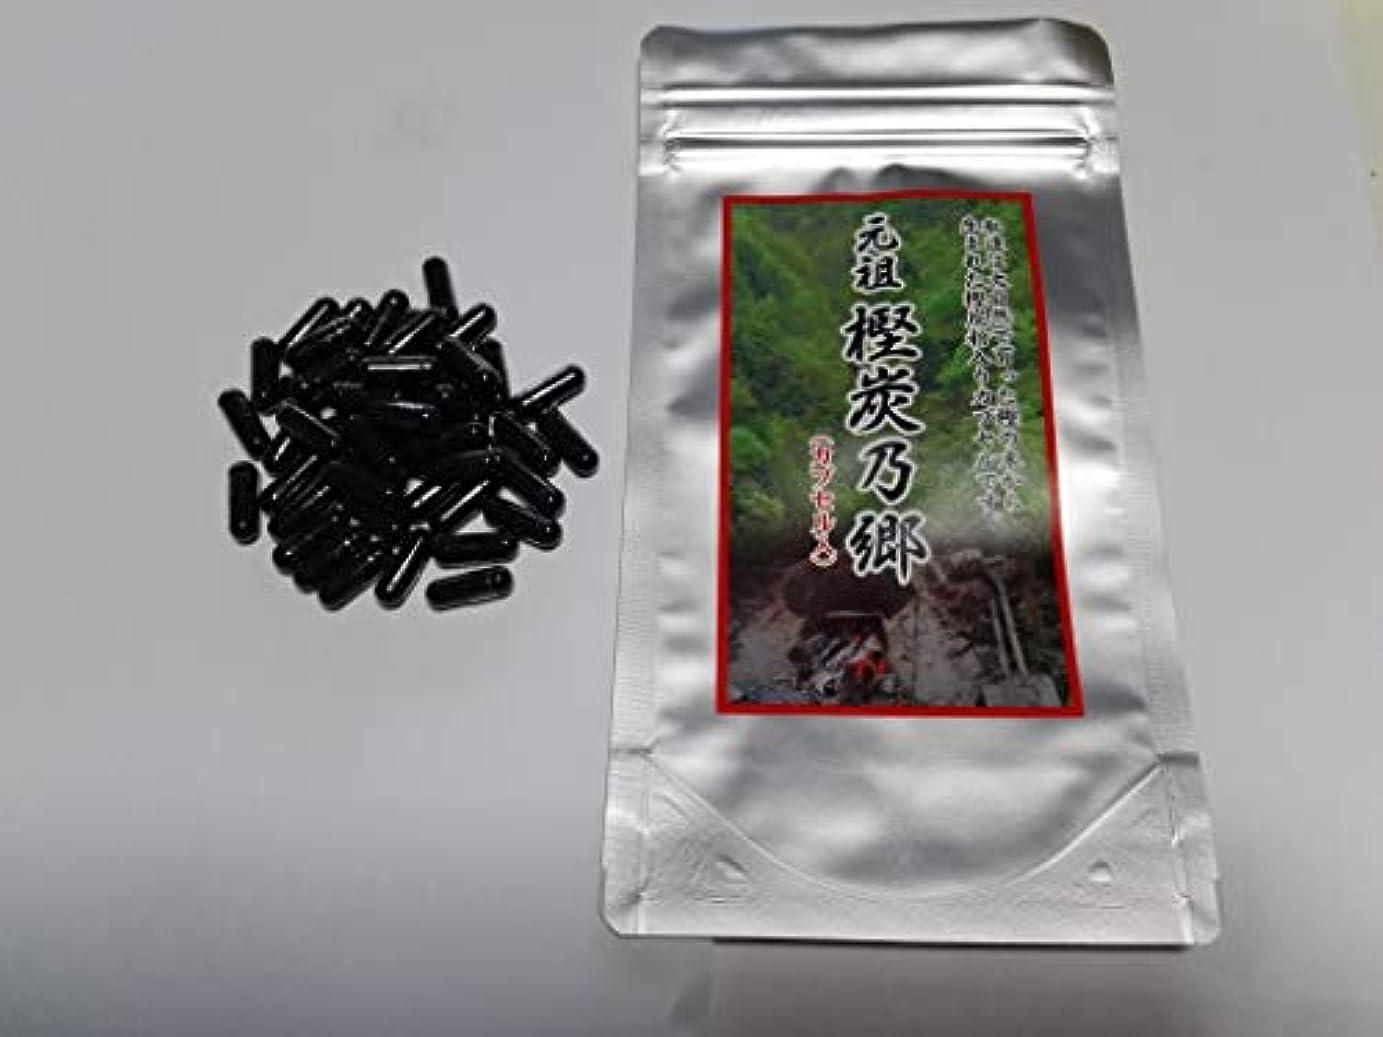 元祖樫炭乃郷(120カプセル入) 樫炭粉